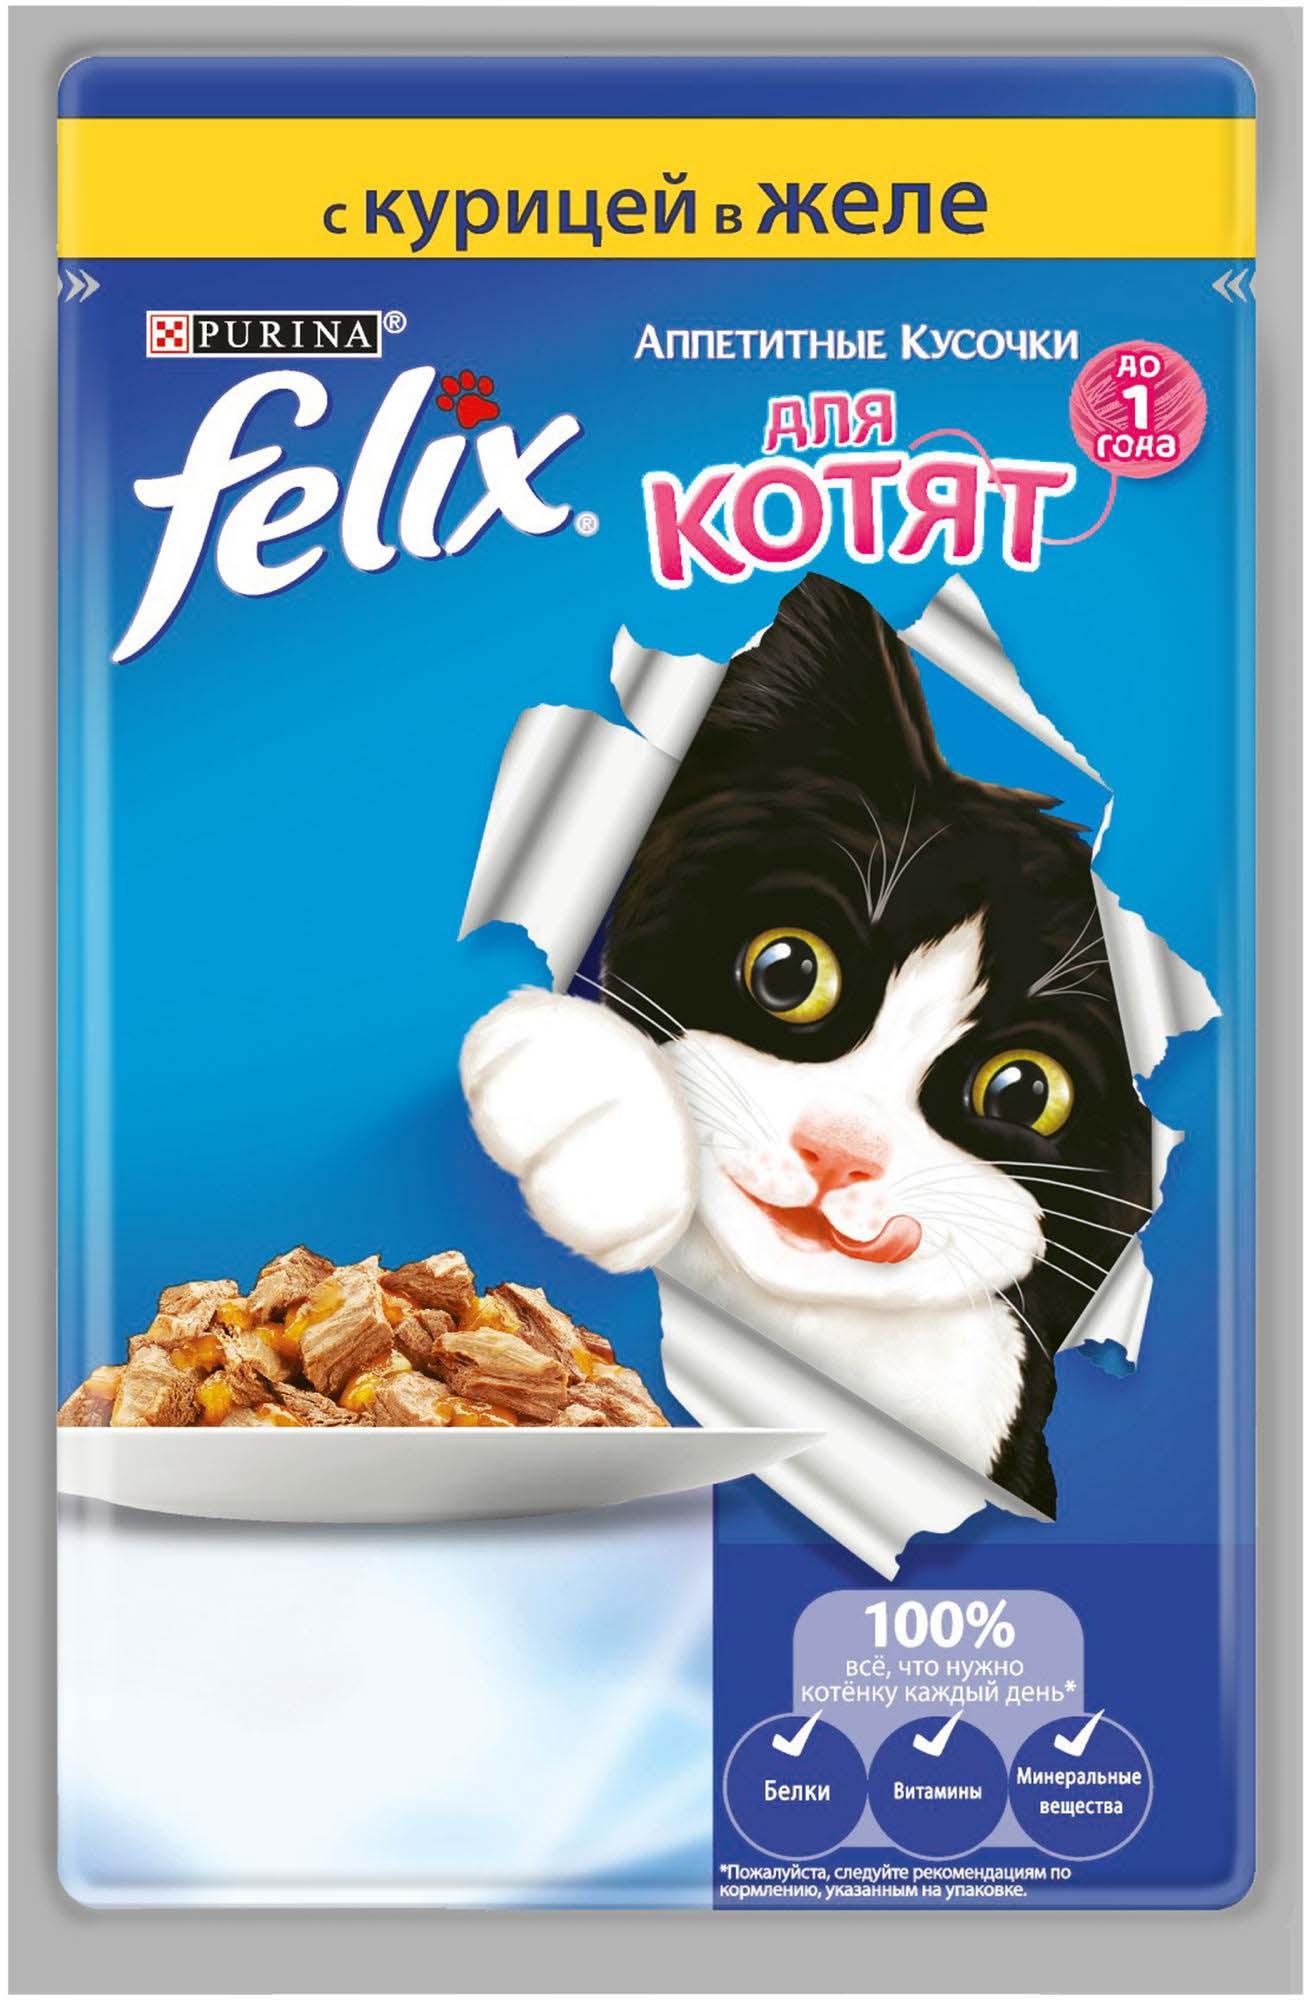 Консервы Felix для котят, с курицей, 85 г12333330Консервы Felix с курицей для котят- это полнорационный, необыкновенно вкусный корм с нежными мясными кусочками в желе с разными вкусами для неожиданных вкусовых ощущений. Корм содержит витамин А: 12 000; витамин Д3: 1 000; витамин Е: 85.мг/кг: железо: 45; йод: 1,5; медь: 8,5; марганец: 4,9; цинк: 64; селен: 0,10.белок: 30,0%; жир: 11,0%; сырая зола: 8,0% сырая клетчатка: 2,5%; таурин: 0,084%; линолевая кислота: 2,0%.Вам питомец не сможет устоять перед аппетитным внешним видом, ароматом и вкусом этого потрясающего корма.